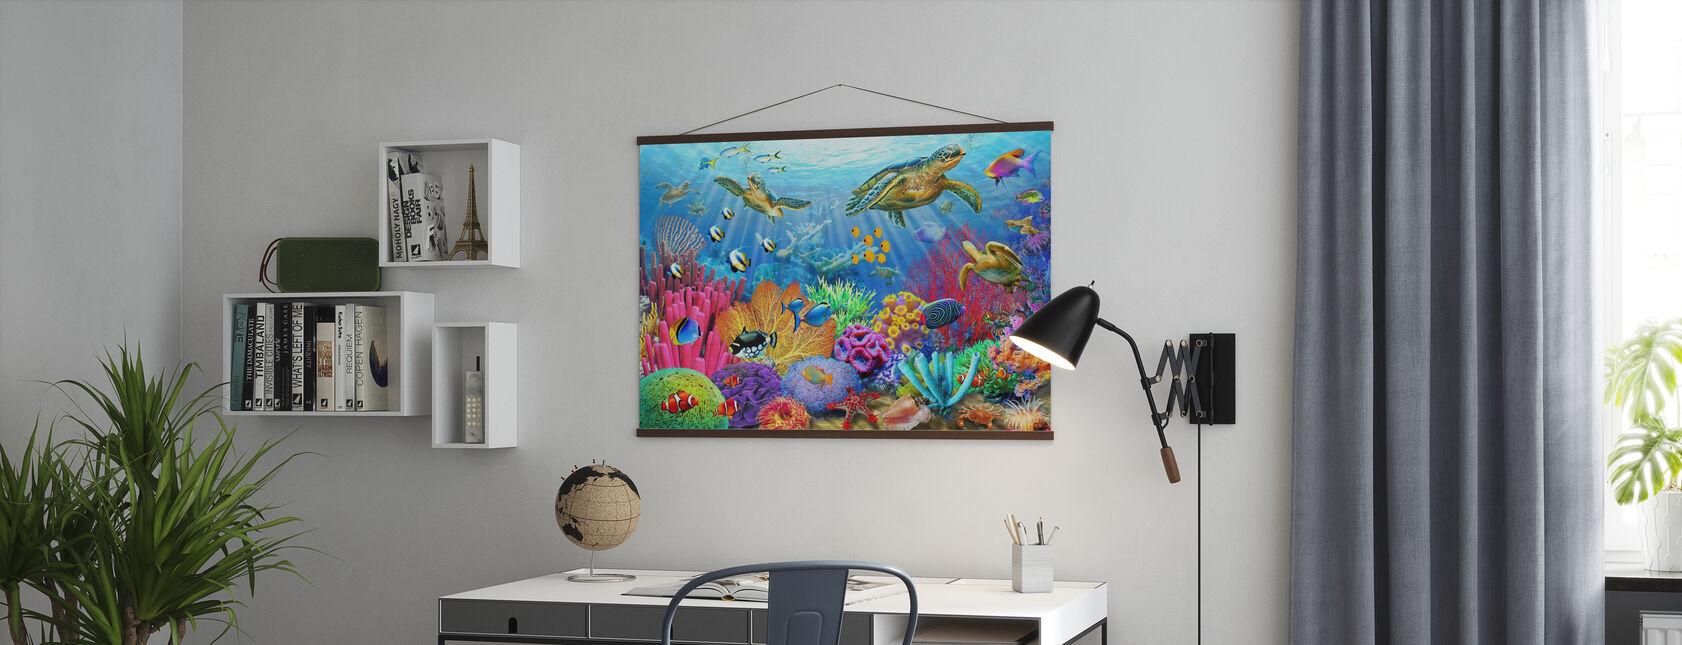 Schildpad Koraalrif - Poster - Kantoor